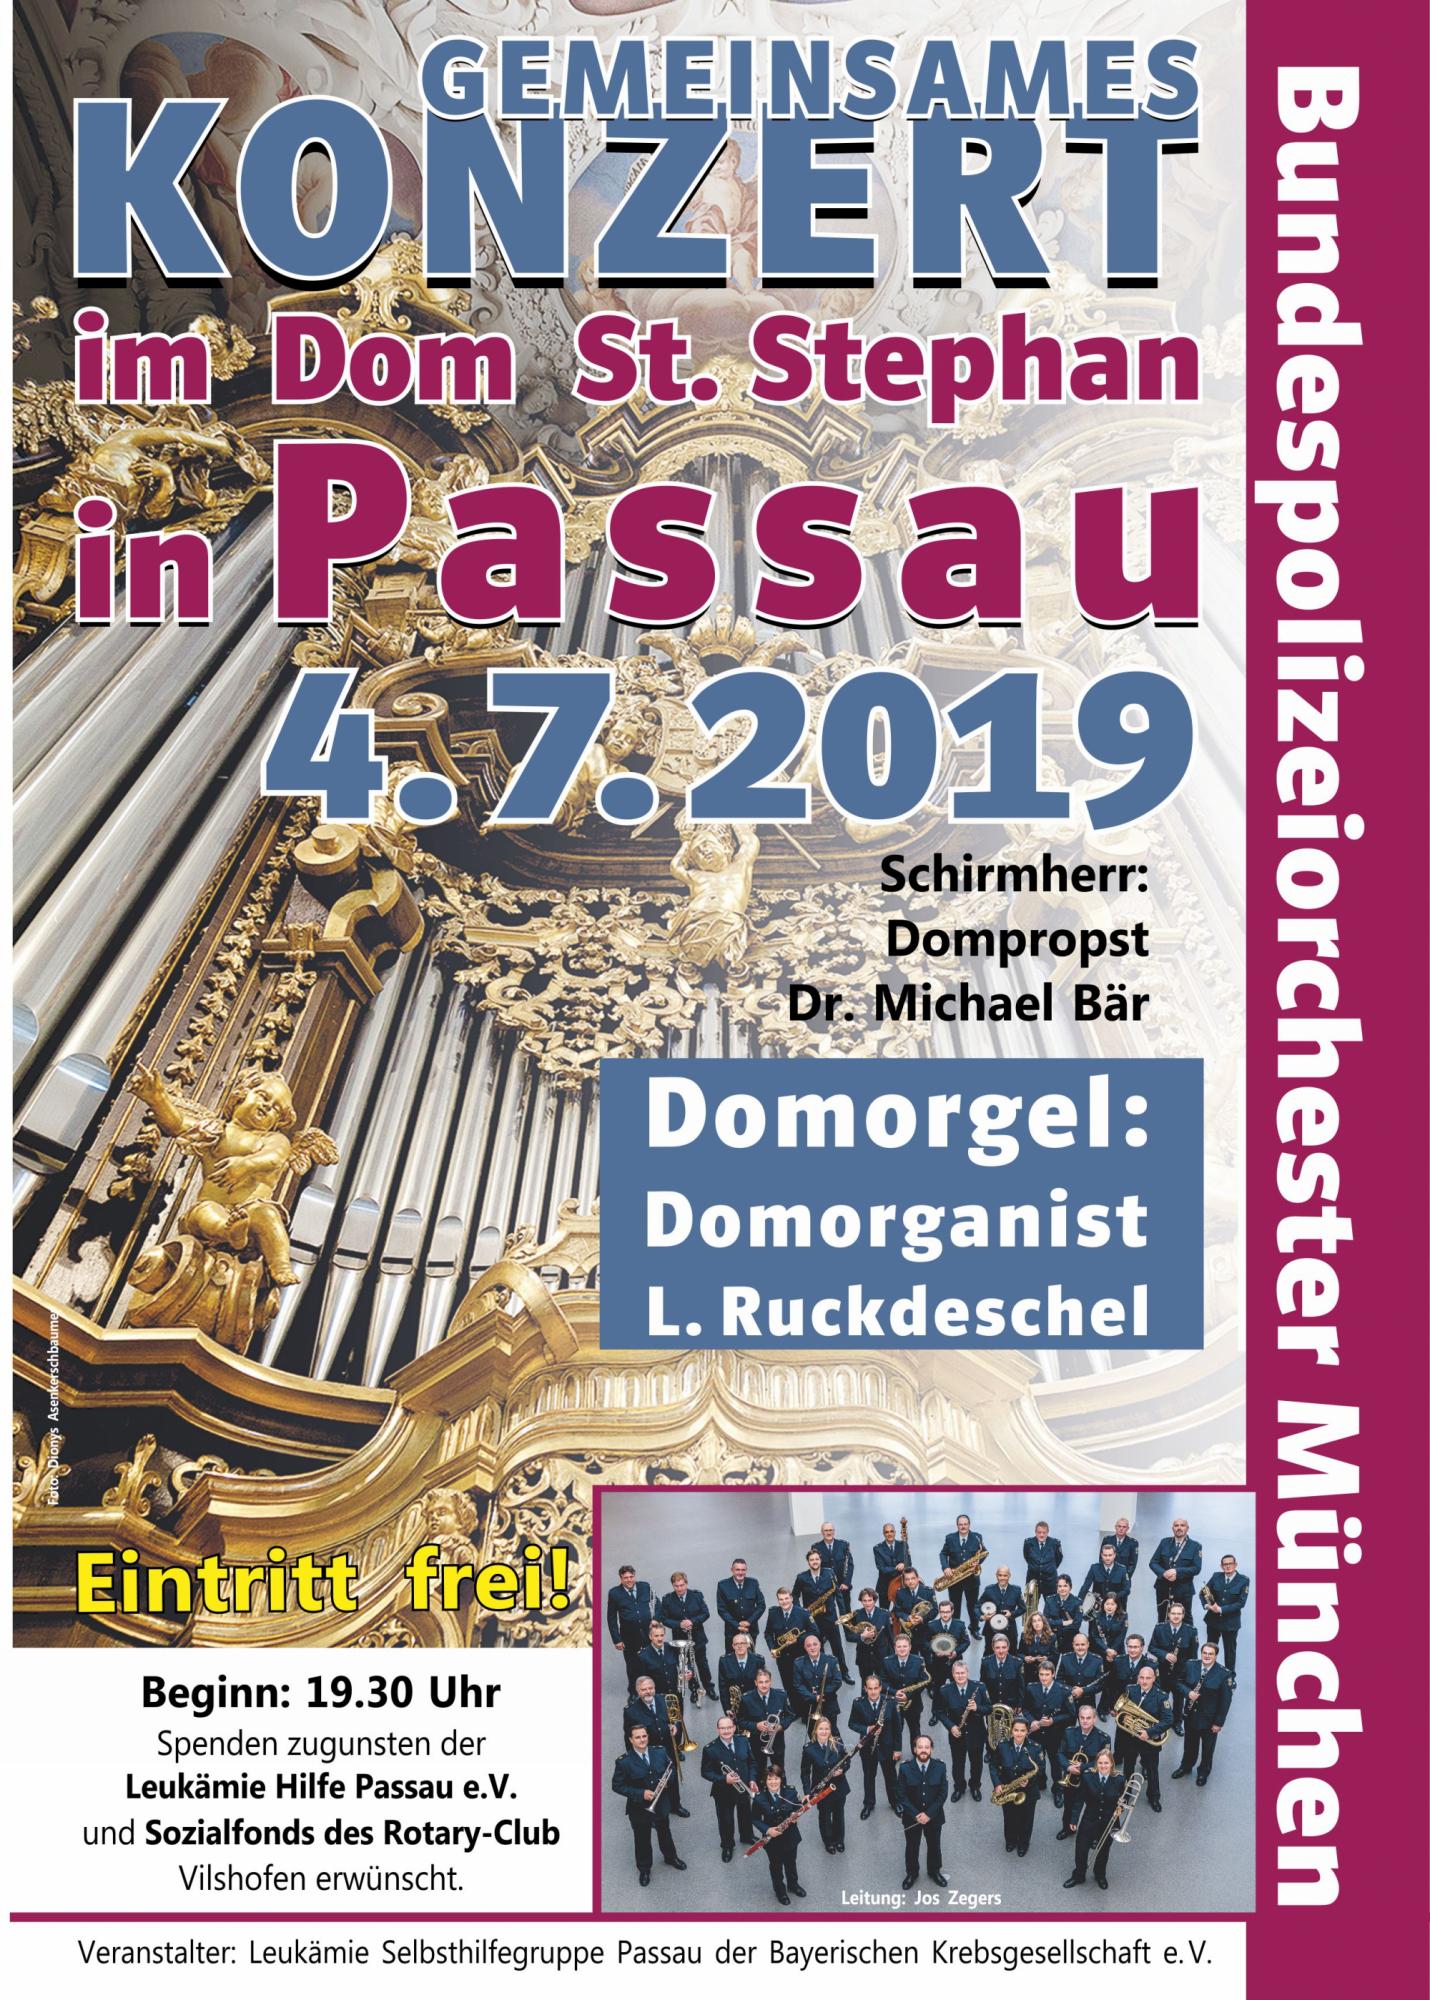 Leukämiehilfe-Plakat-Orgelkonzert